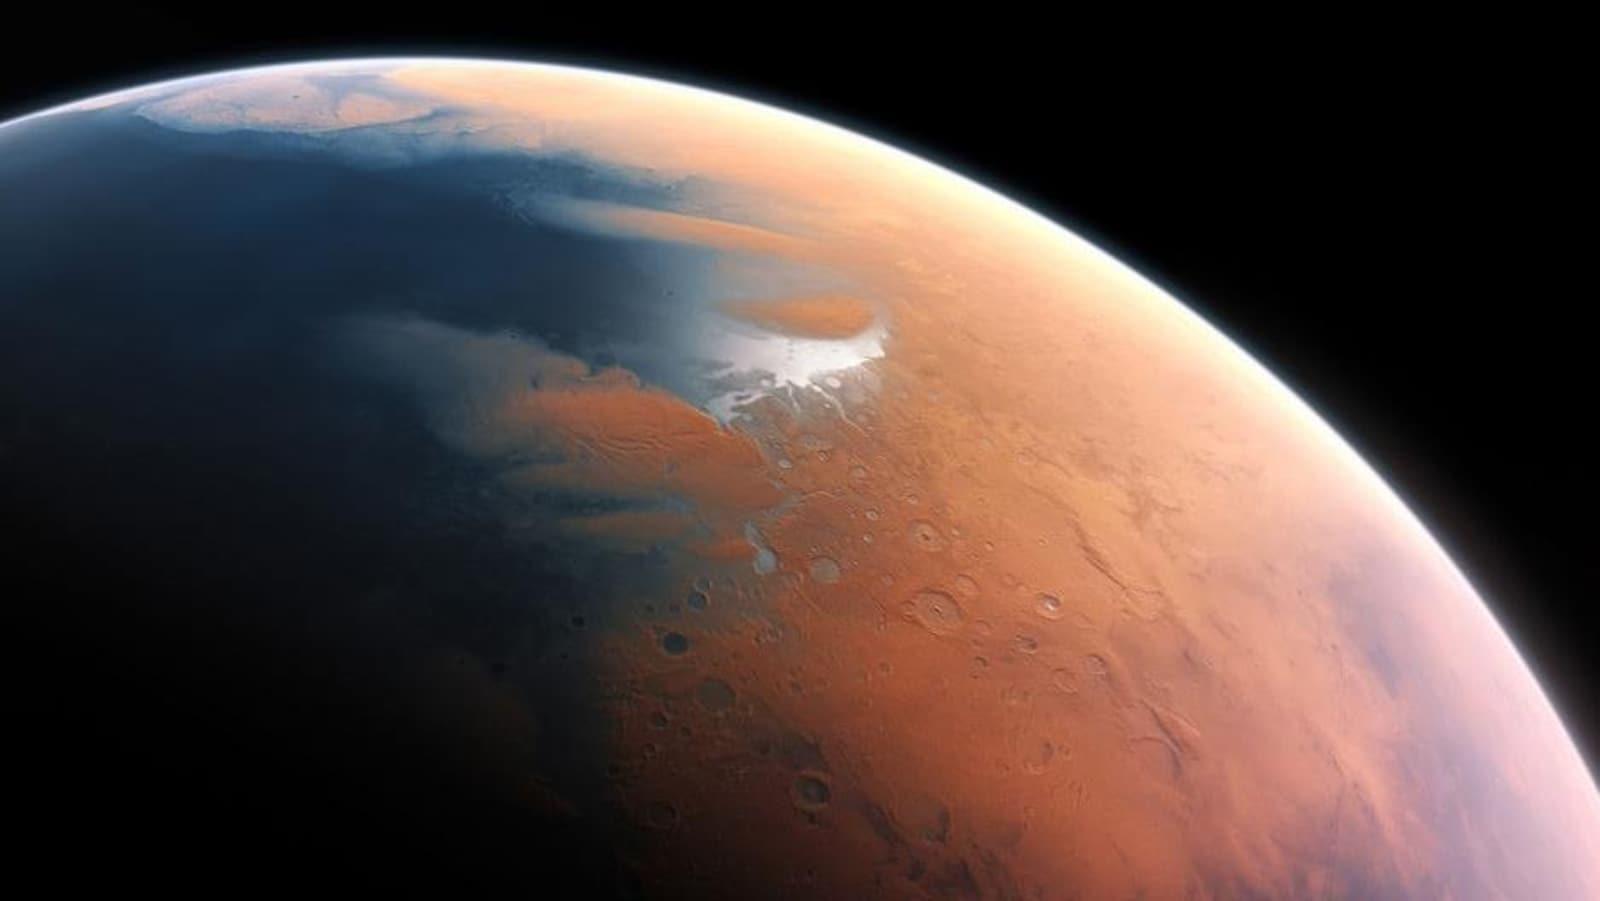 Représentation artistique d'un océan à la surface de Mars.